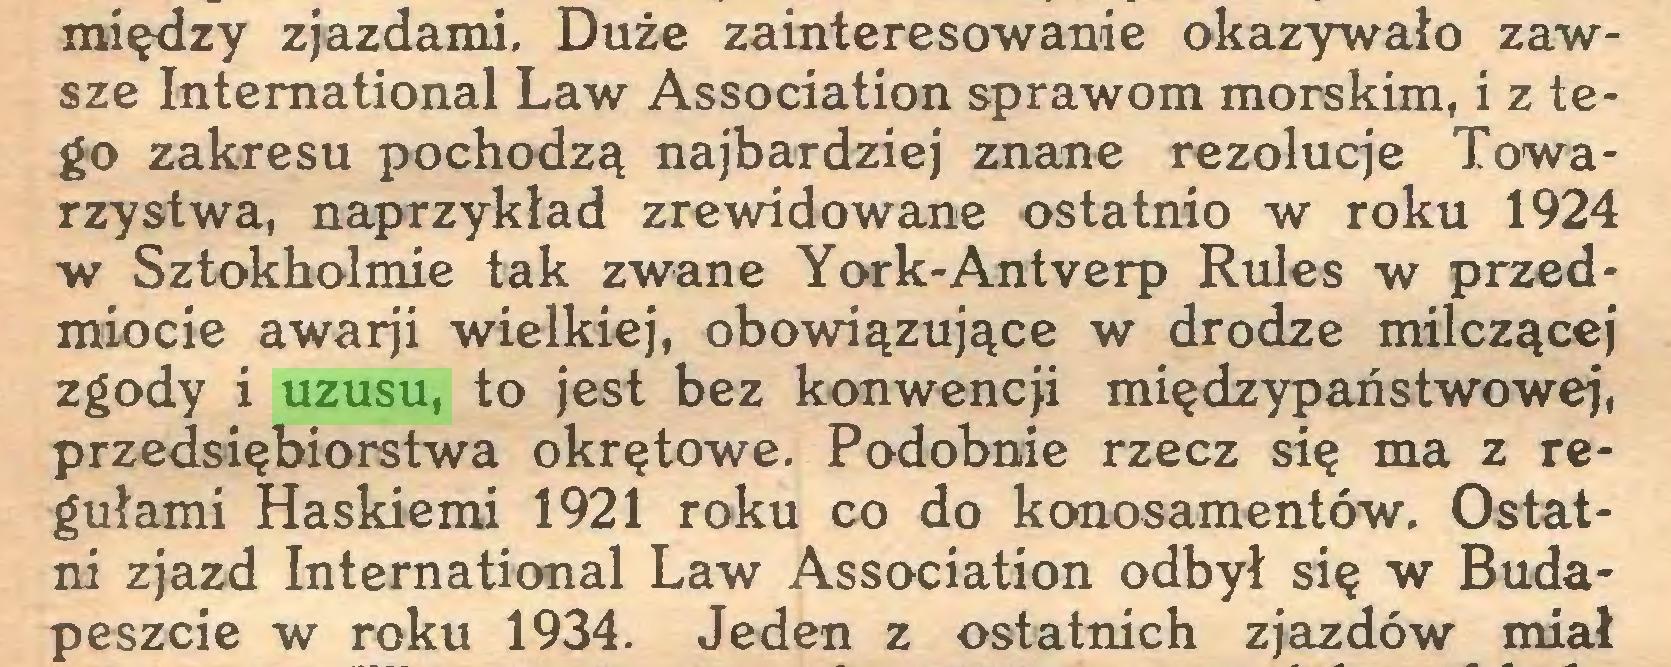 (...) między zjazdami. Duże zainteresowanie okazywało zawsze International Law Association sprawom morskim, i z tego zakresu pochodzą najbardziej znane rezolucje Towarzystwa, naprzykład zrewidowane ostatnio w roku 1924 w Sztokholmie tak zwane York-Antverp Rules w przedmiocie awarji wielkiej, obowiązujące w drodze milczącej zgody i uzusu, to jest bez konwencji międzypaństwowej, przedsiębiorstwa okrętowe. Podobnie rzecz się ma z regułami Haskiemi 1921 roku co do konosamentów. Ostatni zjazd International Law Association odbył się w Budapeszcie w roku 1934. Jeden z ostatnich zjazdów miał...